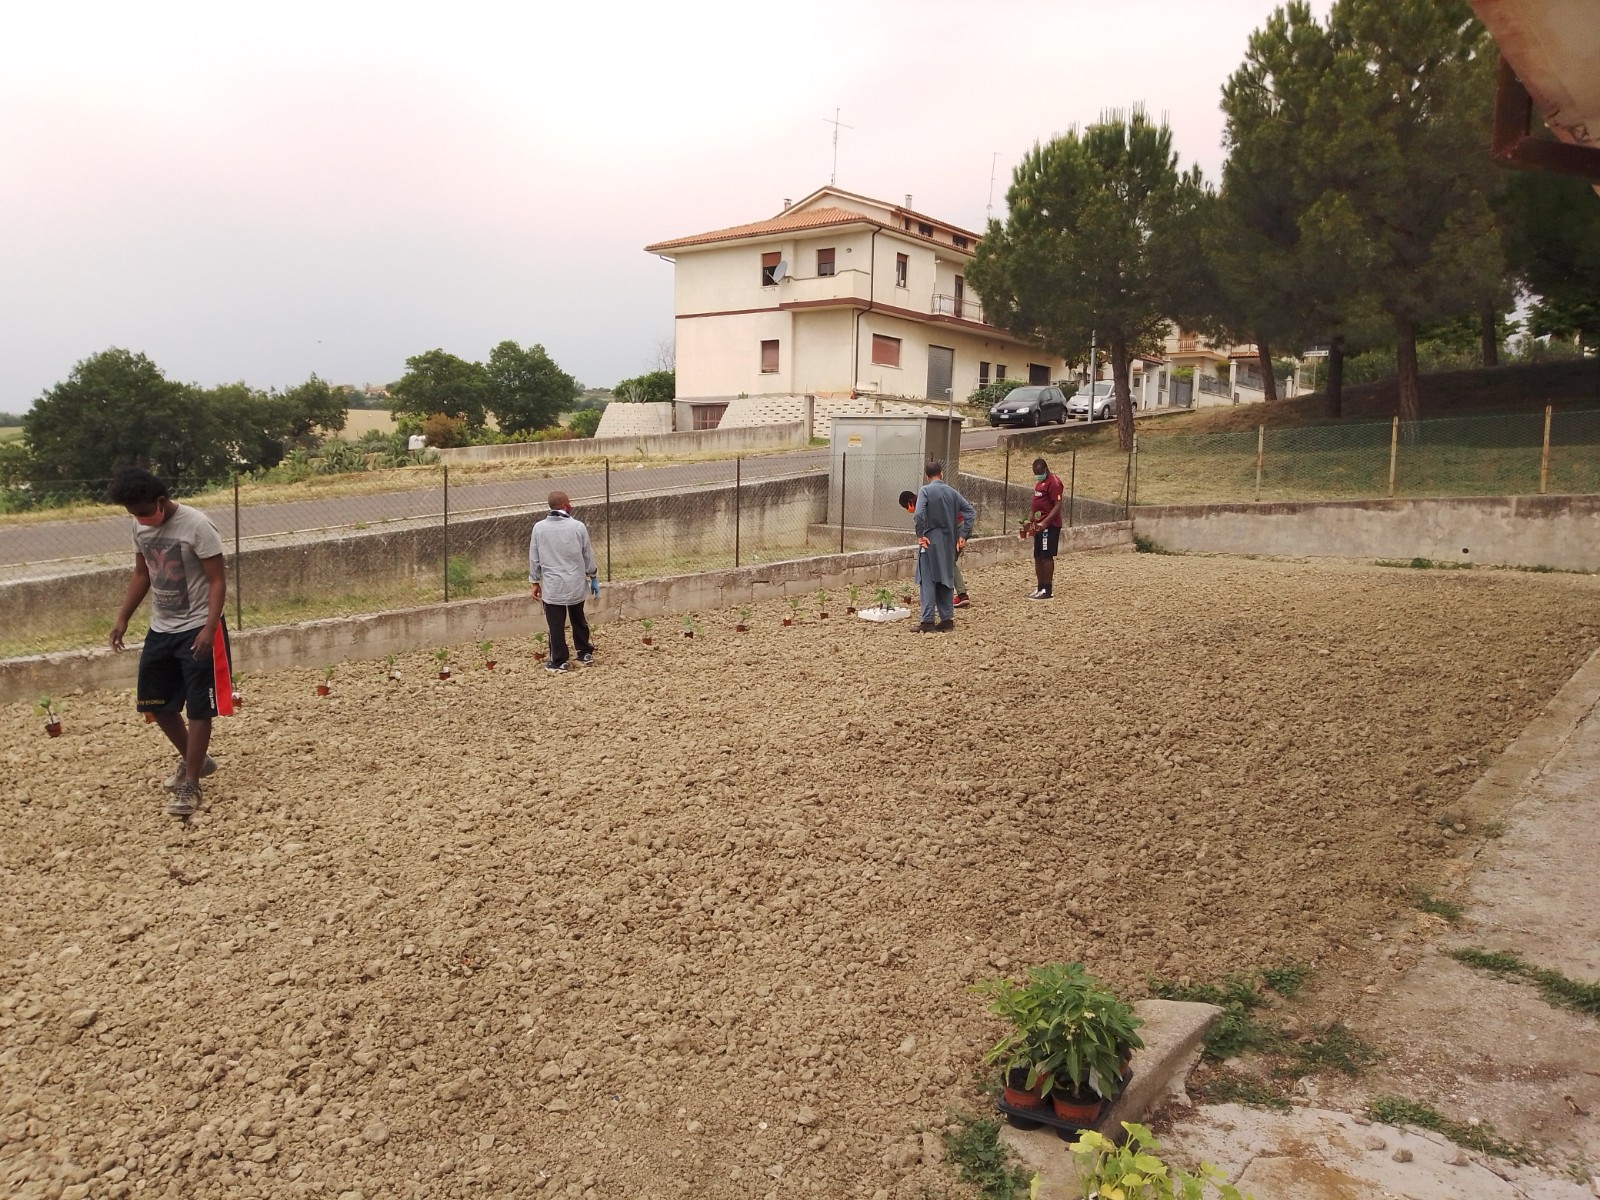 Orti e giardini sociali del piccolo borgo 05